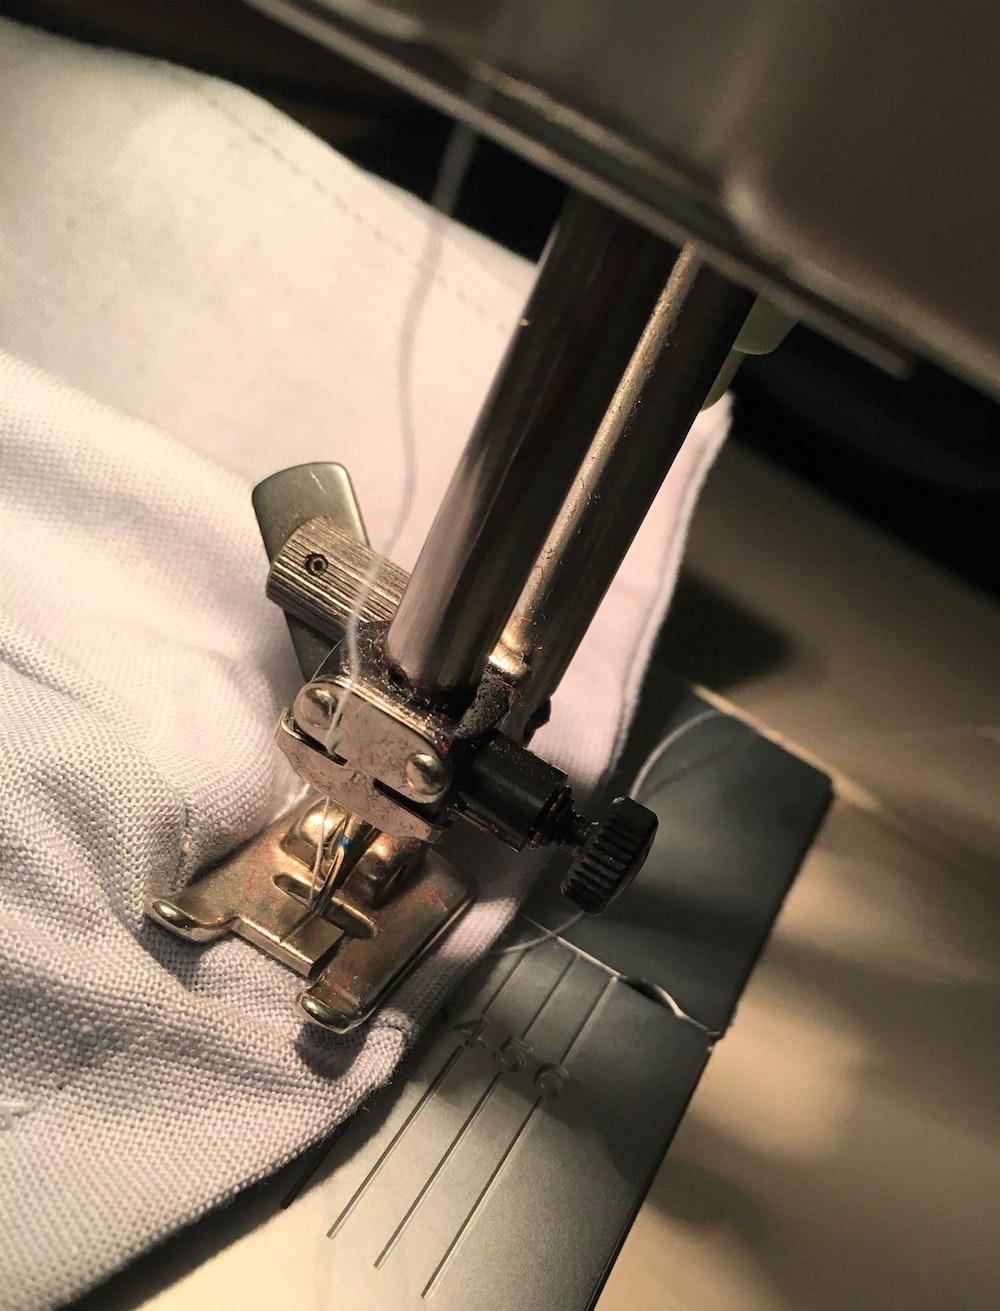 gray metal tool on white textile